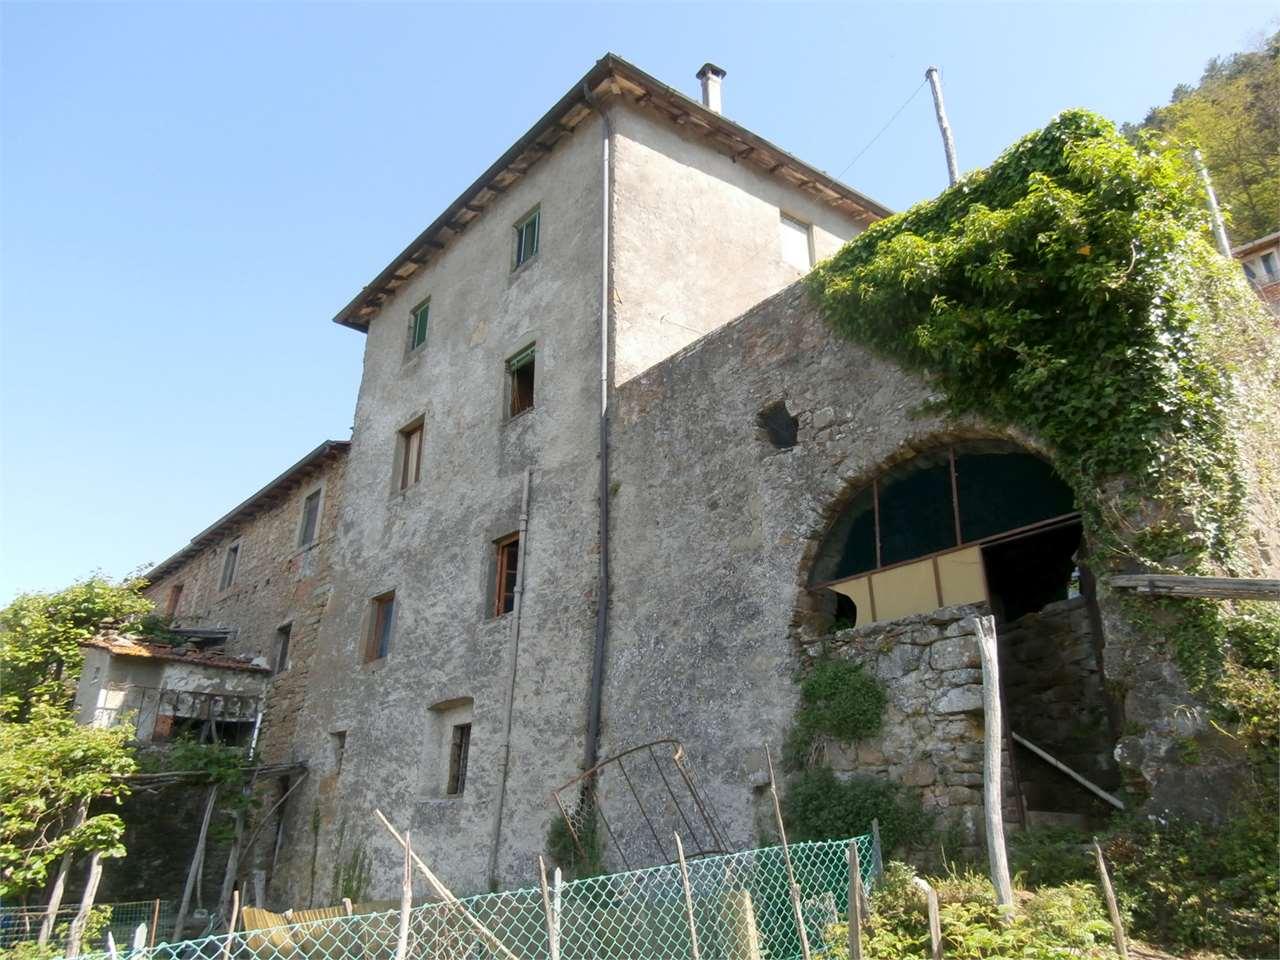 Appartamento in vendita a Bagni di Lucca, 11 locali, prezzo € 100.000 | Cambio Casa.it